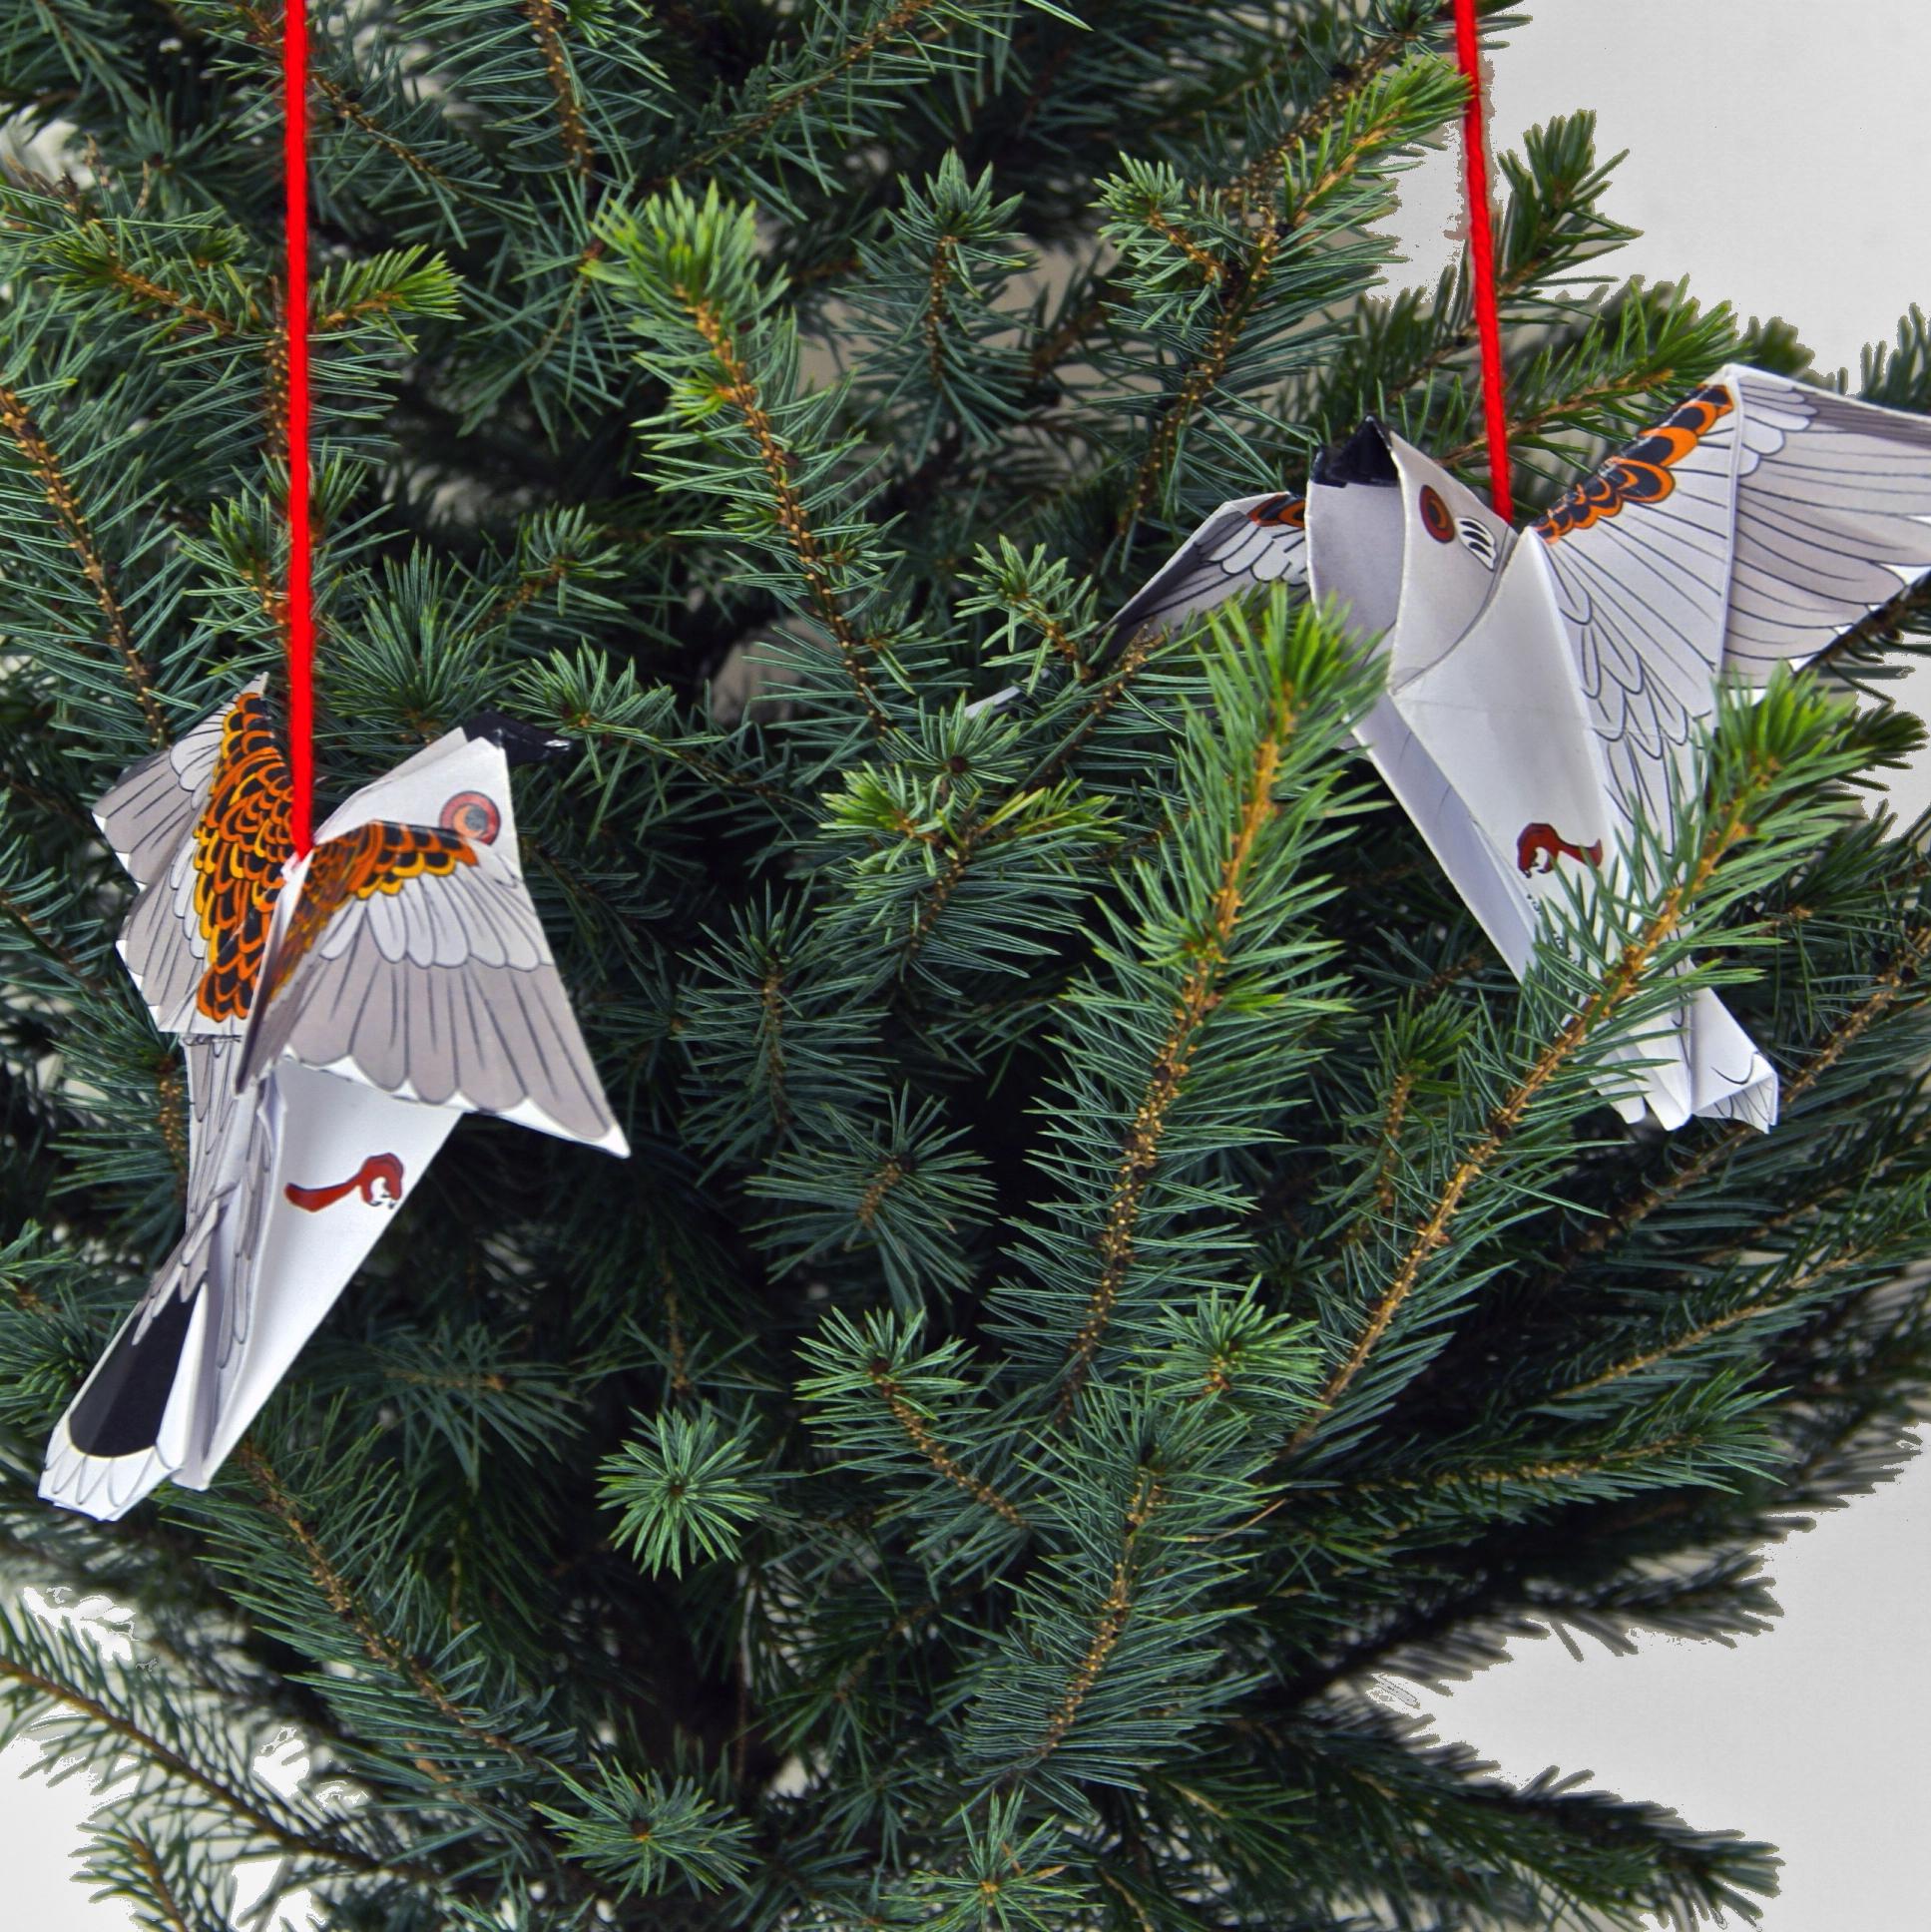 snowy m birds in tree.jpg